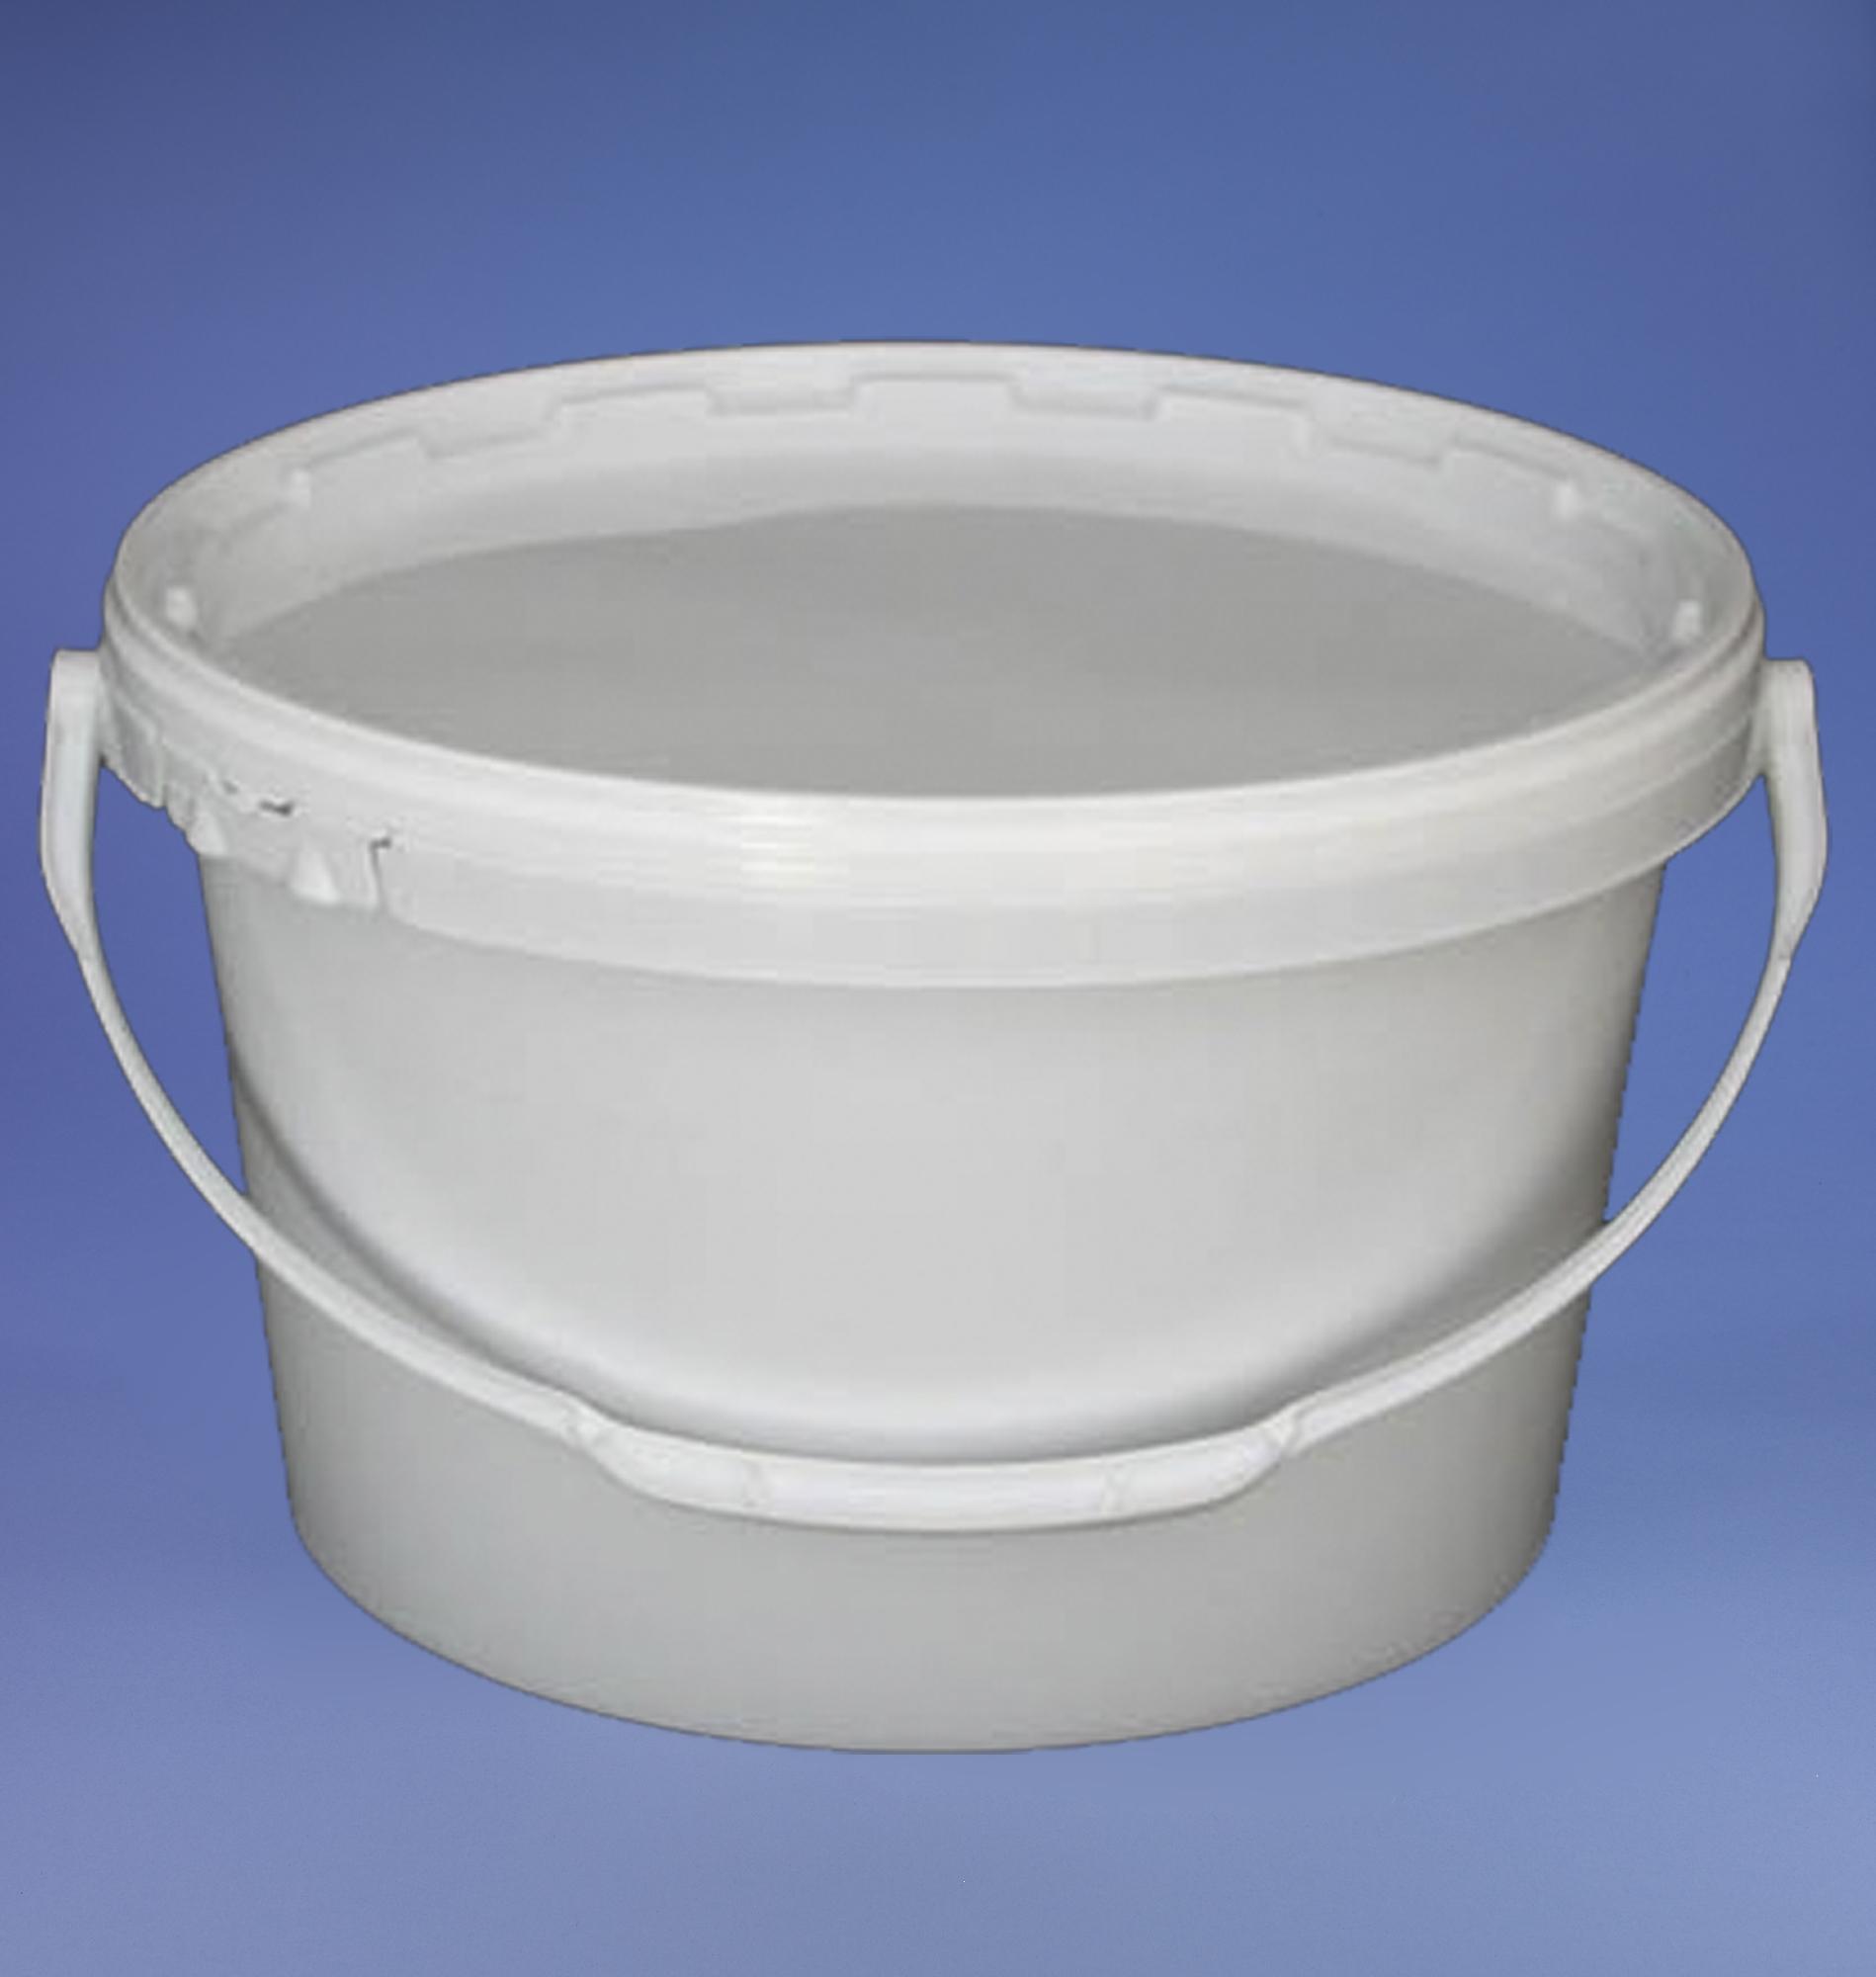 PB3W Oval Bucket 3.65L